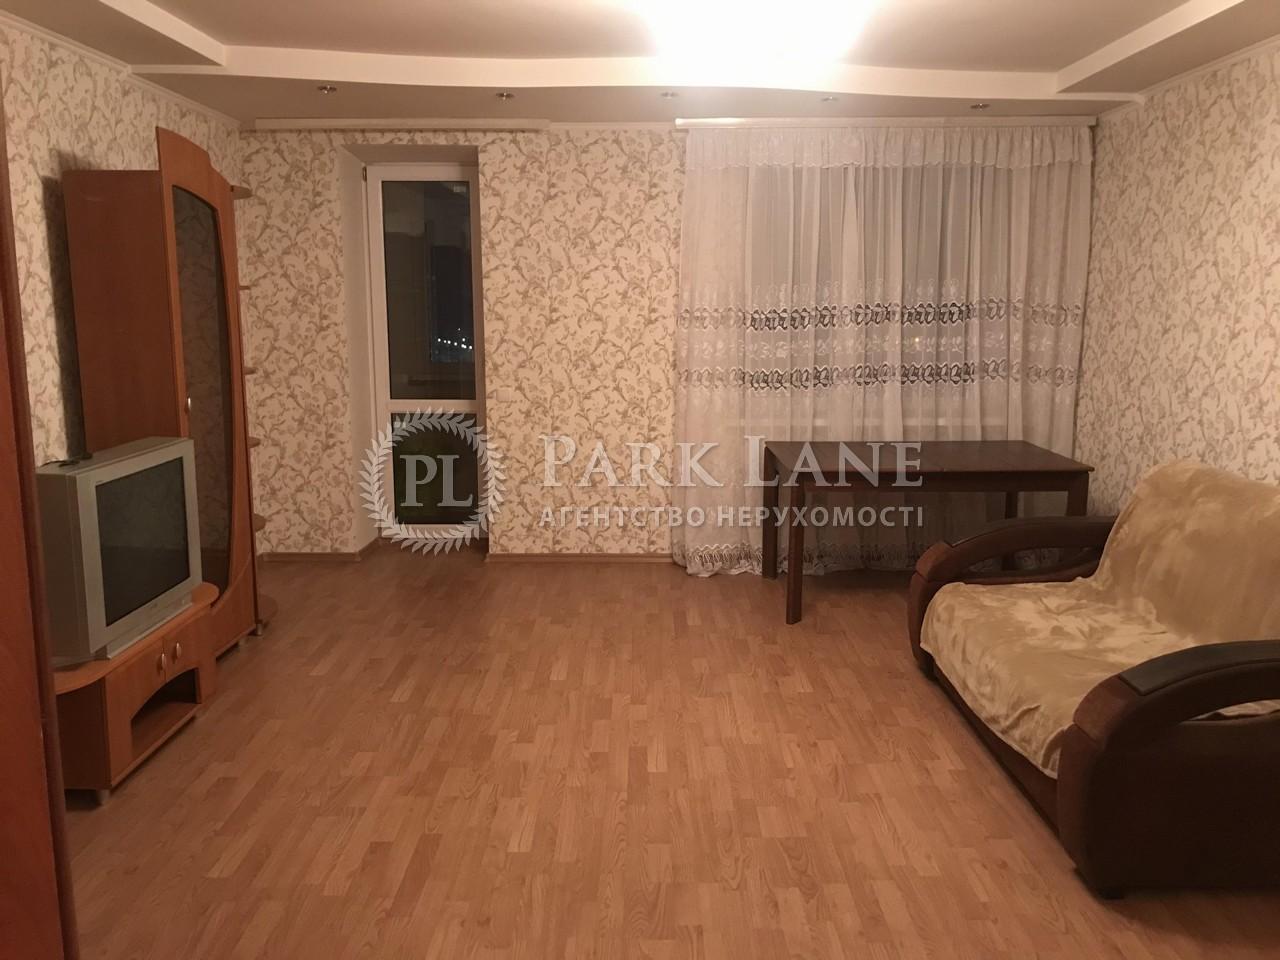 Квартира вул. Полярна, 8е, Київ, D-35710 - Фото 4